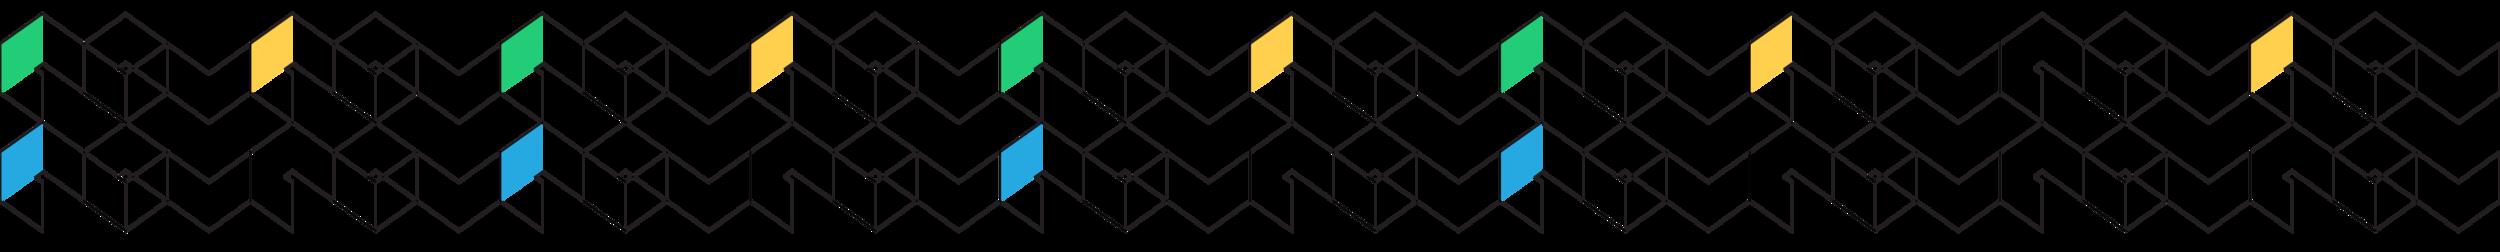 Concrete Ventures Divider@3x.png